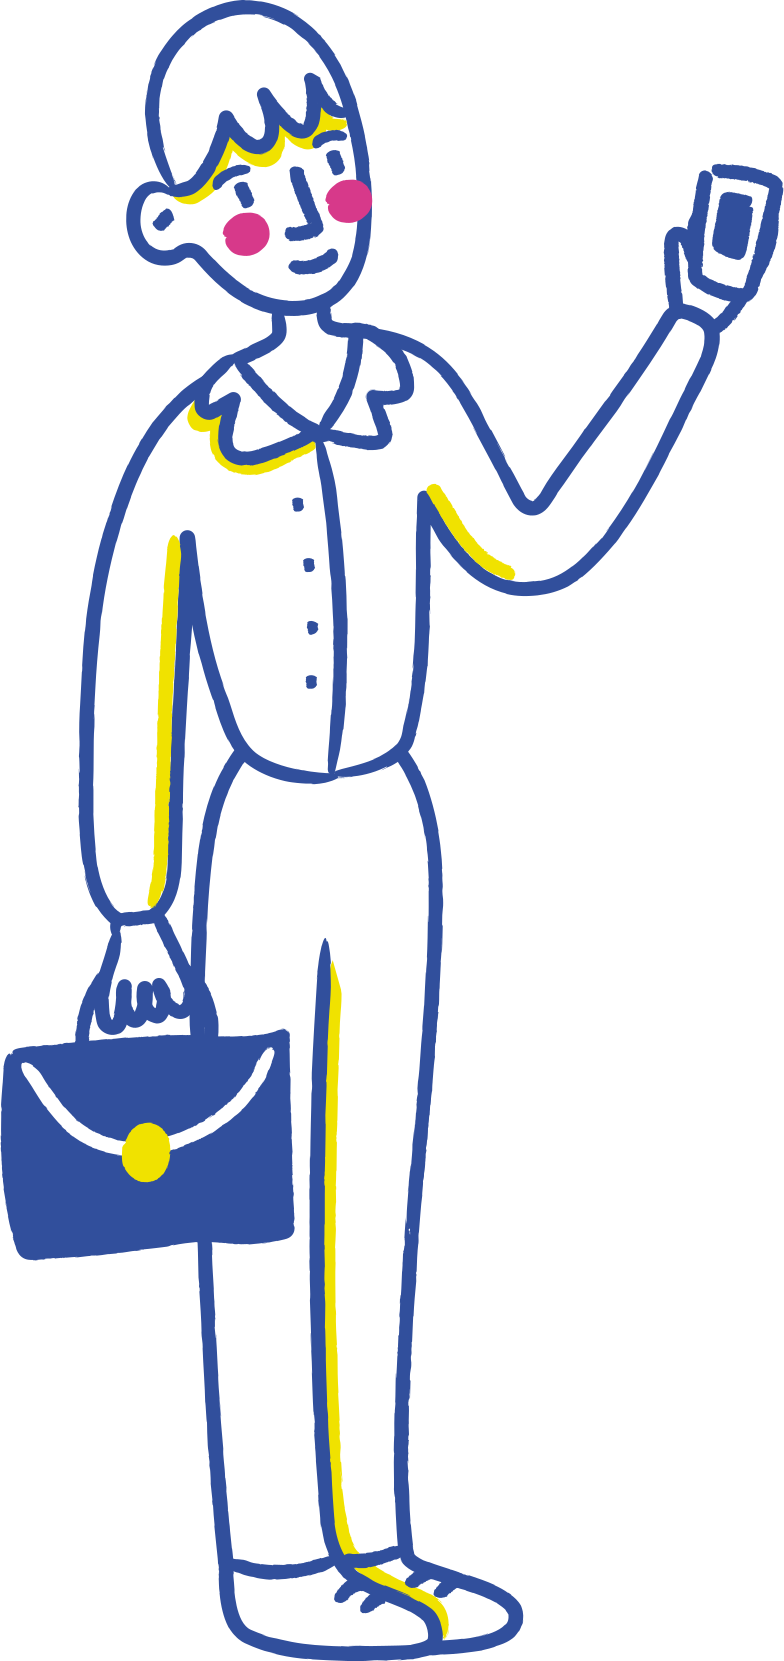 Geschäftsmann handy Clipart-Grafik als PNG, SVG